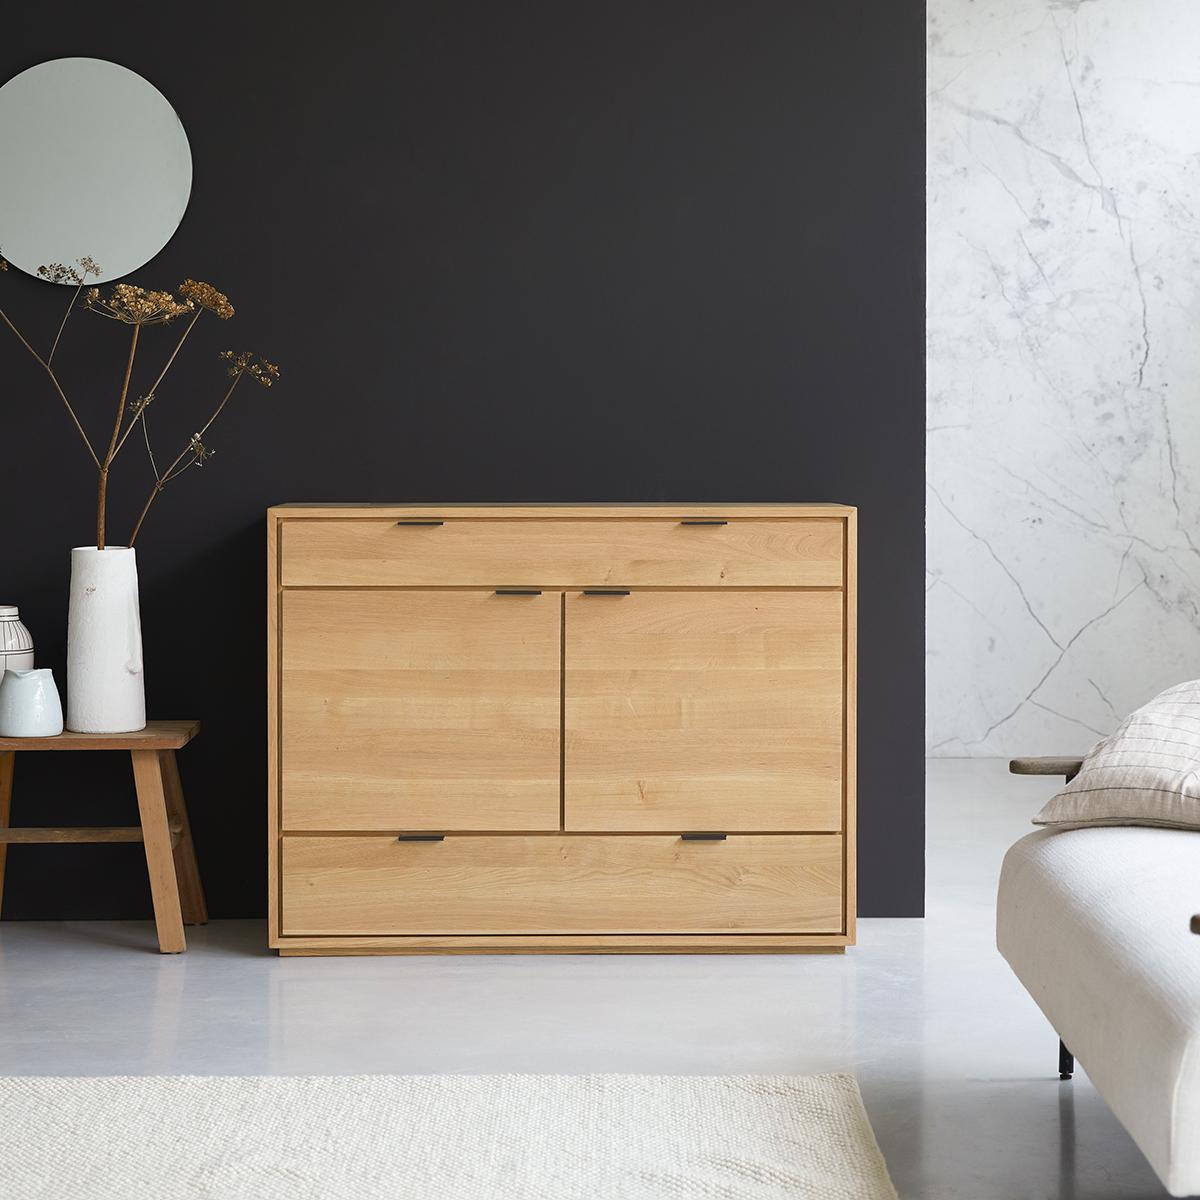 Senson solid oak Sideboard 120 cm